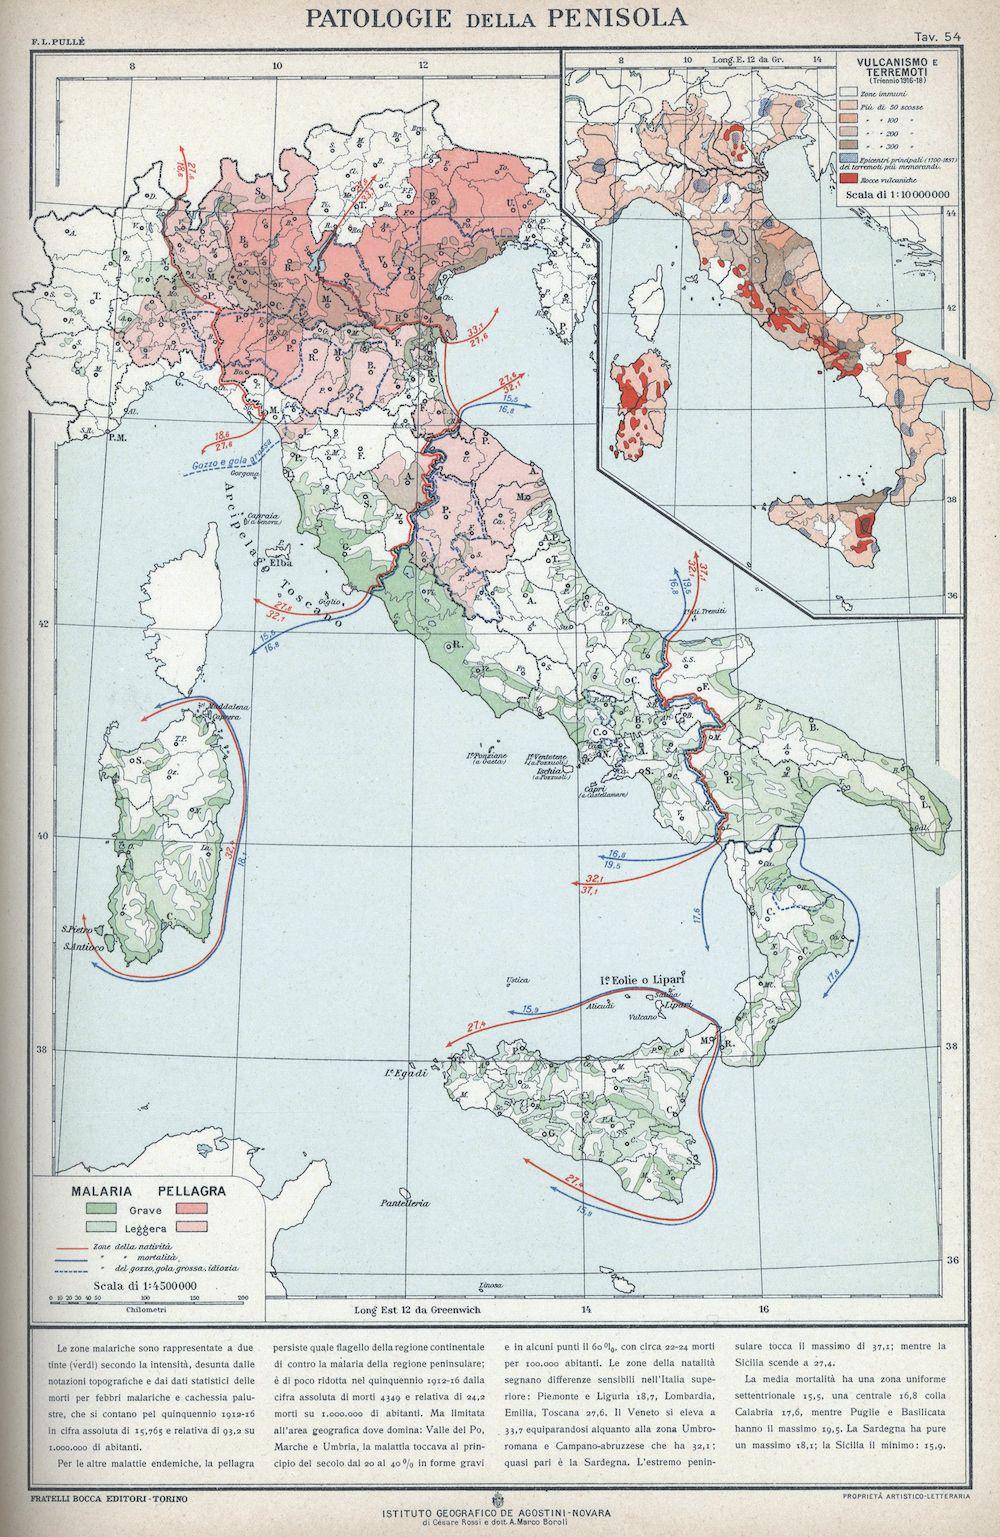 «Patologie della penisola», da F.L. Pullé, Italia. Genti e favelle. Atlante, Torino 1927, Bocca, cartografia Istituto Geografico De Agostini, tav. 54.